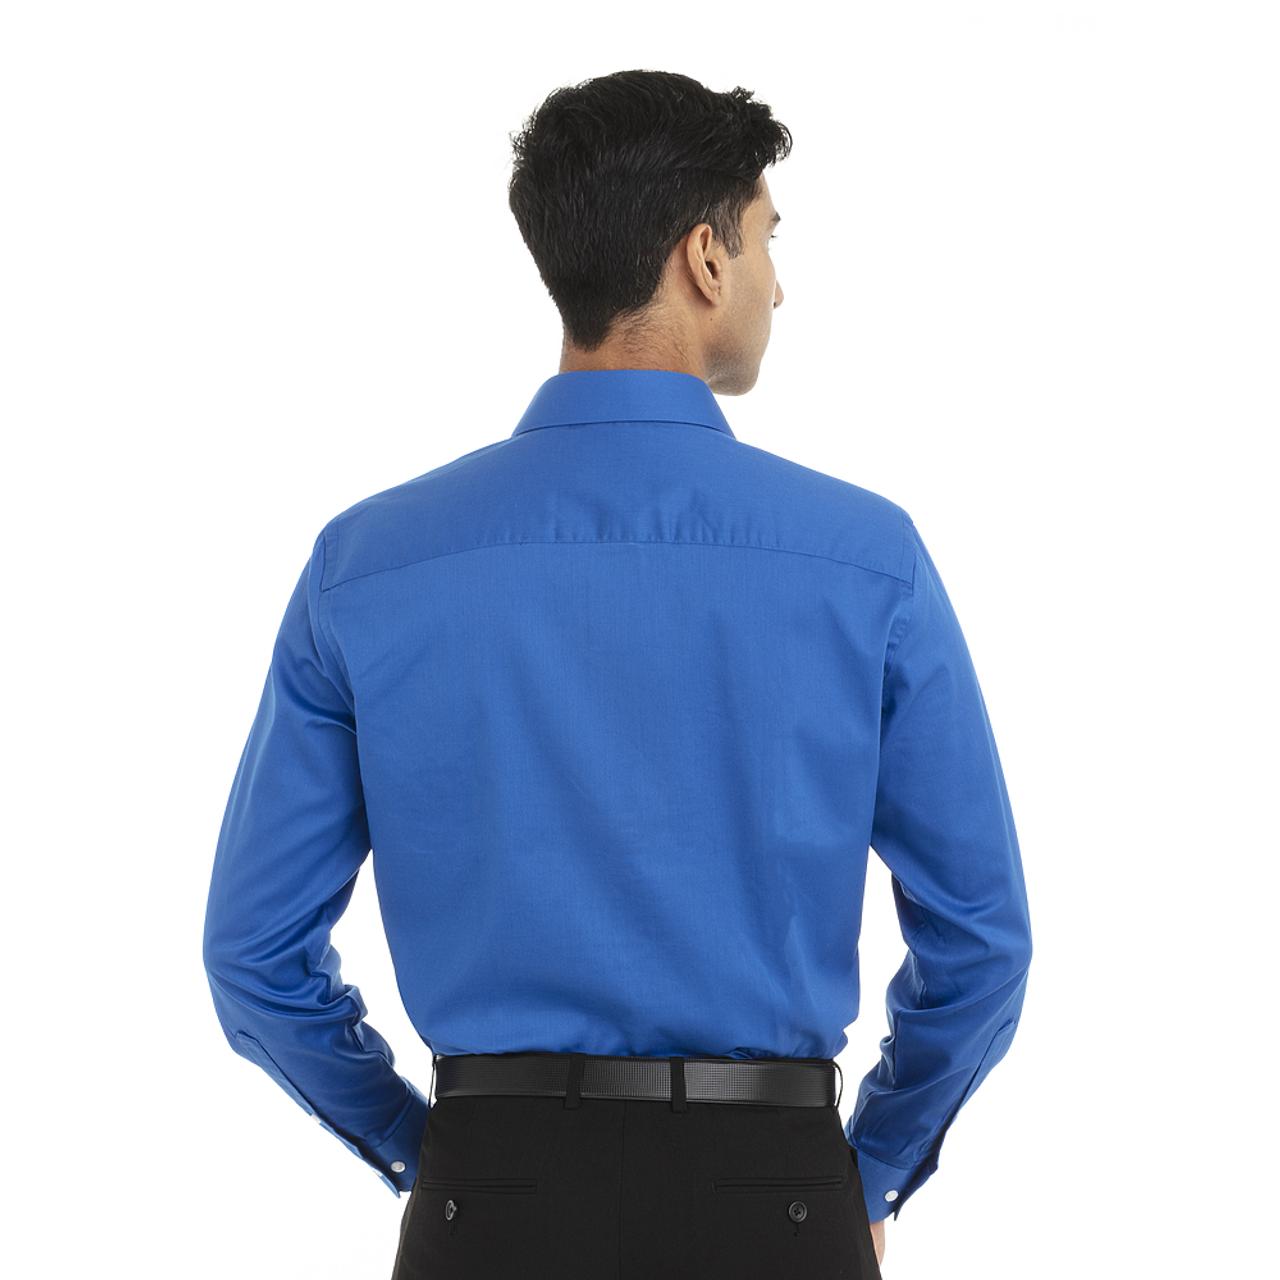 Ultra Blue - Back, 18CV316 Van Heusen Long Sleeve Dress Twill Shirt   T-shirt.ca